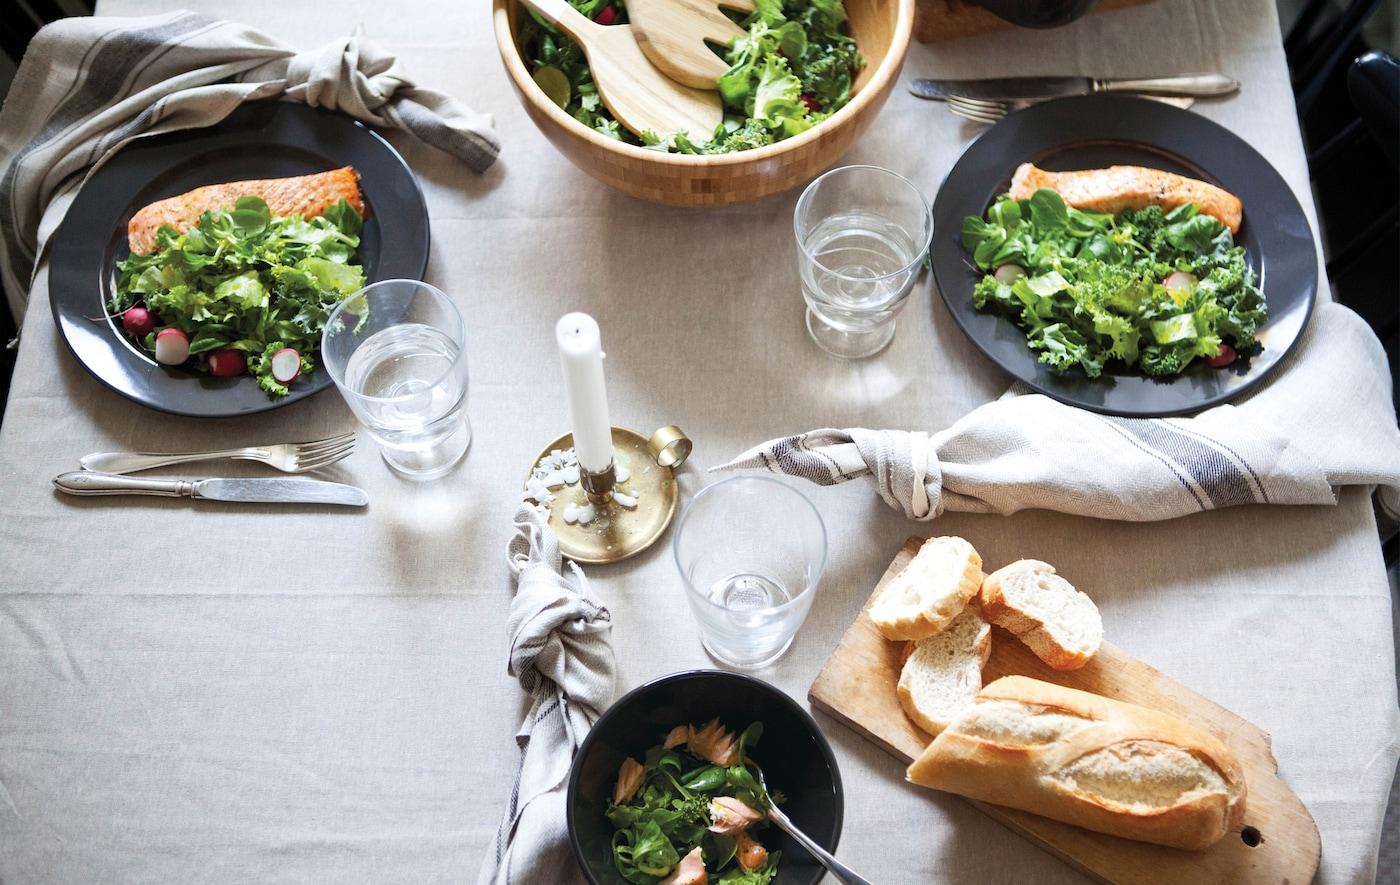 Ideen für schnelle und einfache Gerichte unter der Woche